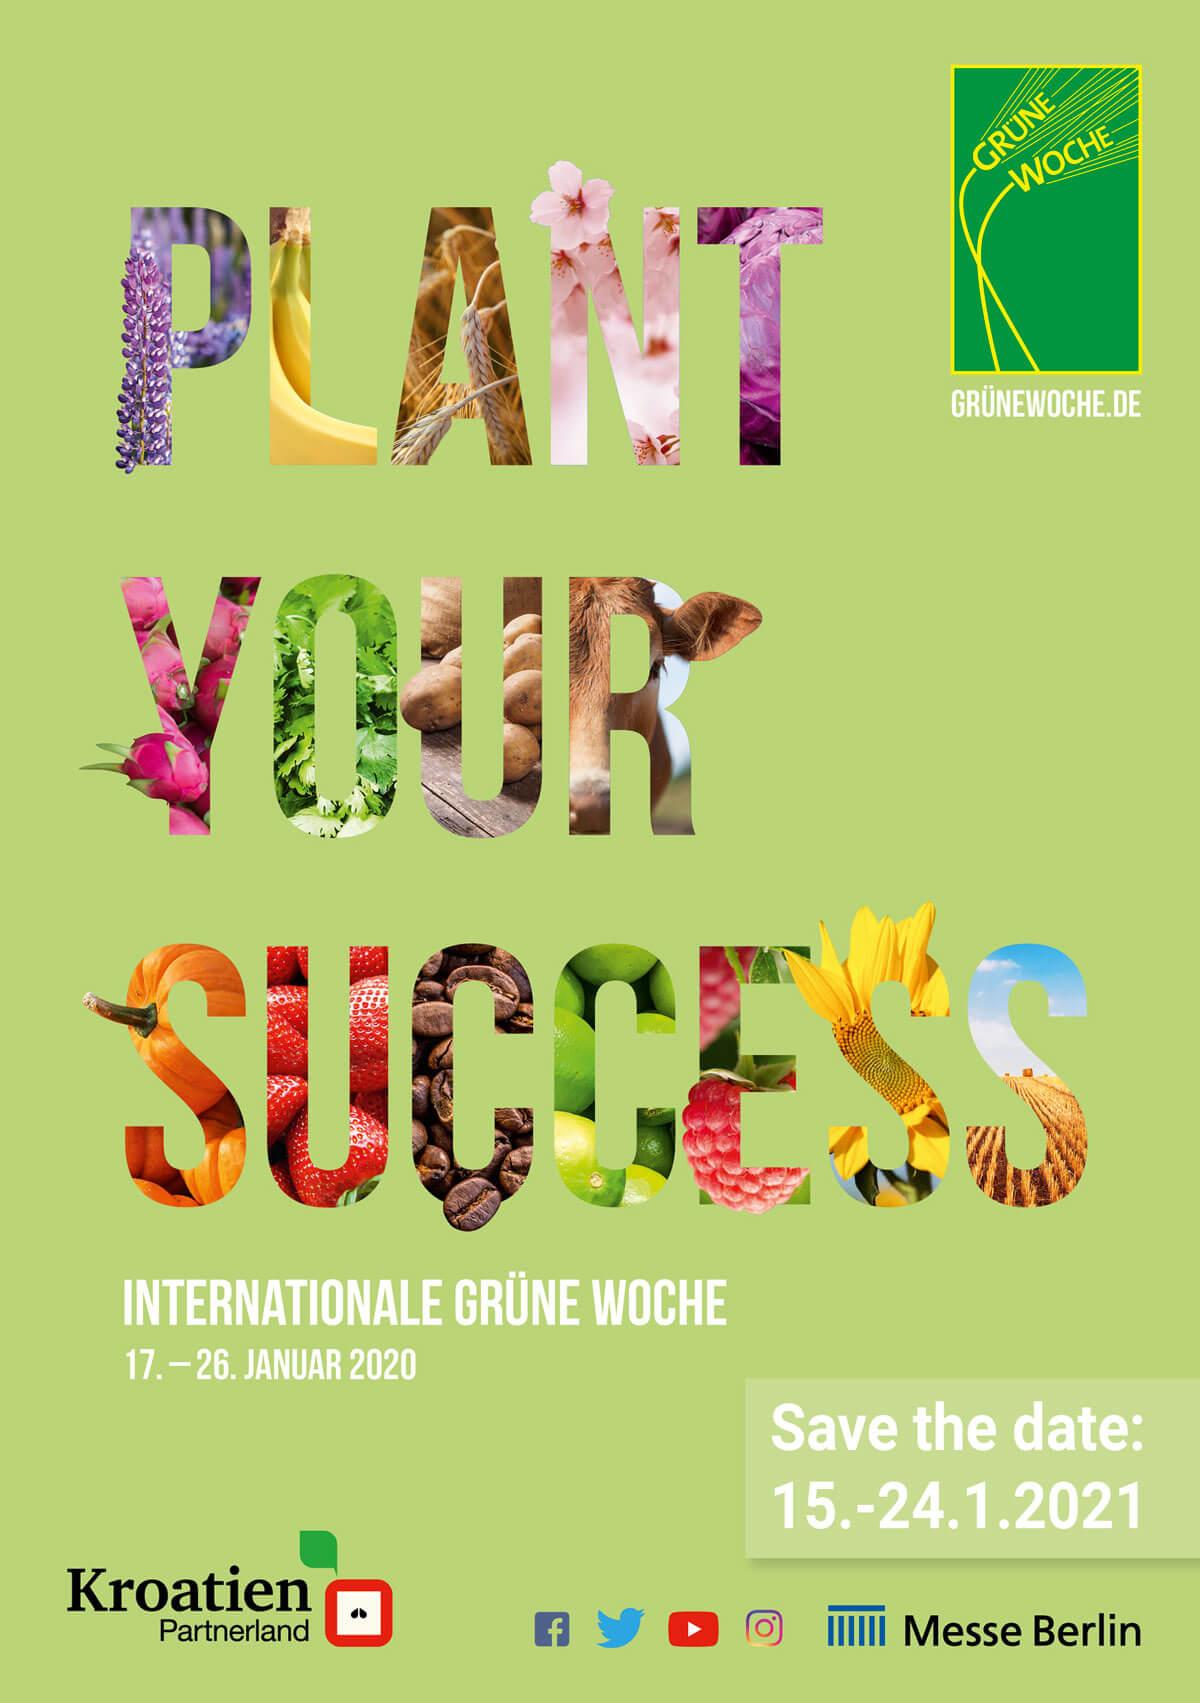 Messeplakat der Internationalen Grünen Woche - © Messe Berlin